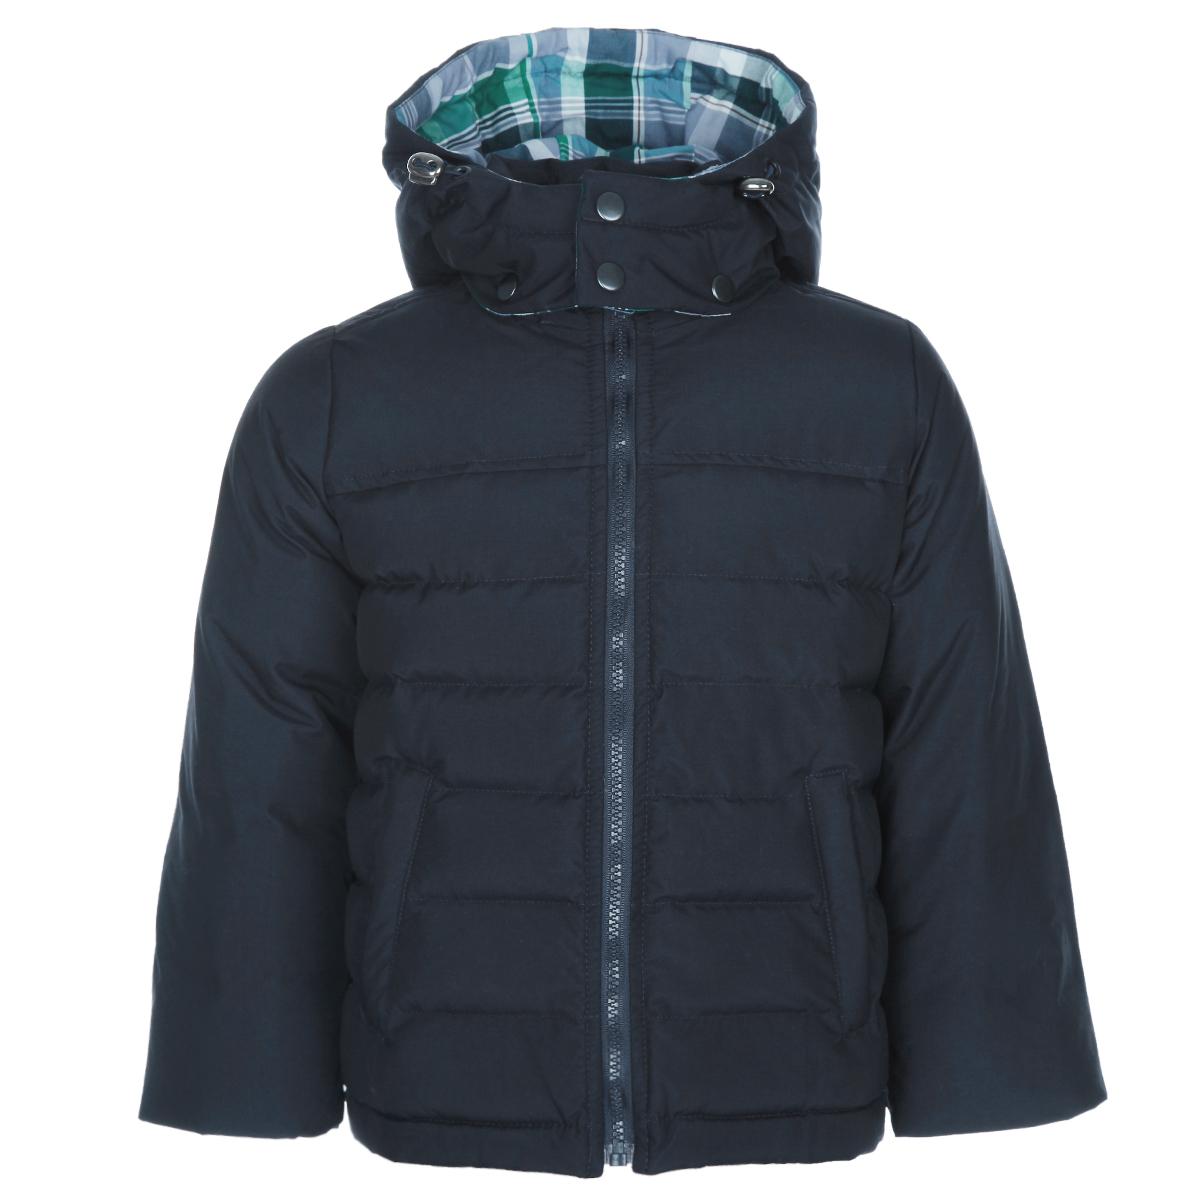 Куртка для мальчика Ёмаё, цвет: темно-синий. 39-113. Размер 30 (110)39-113Теплая куртка для мальчика Ёмаё идеально подойдет для вашего ребенка в холодное время года. Модельизготовлена из 100% полиэстера на комбинированной подкладке из вискозы и полиэстера. В качественаполнителя используются гусиный пух и перо. Пух - самый эффективный природный утеплитель, хорошо дышащийи исключительно комфортный материал.Стеганая куртка с капюшоном и воротником-стойкой застегивается на пластиковую застежку-молнию идополнительно имеет внешнюю ветрозащитную планку, а также защиту подбородка. Капюшон, присборенный покраю на скрытую резинку со стопперами, пристегивается с помощью кнопок и дополнительно застегиваетсяклапаном под подбородком на металлические кнопки. Низ рукавов дополнен скрытыми трикотажными манжетами,которые мягко обхватывают запястья. Спереди предусмотрены два прорезных кармана на молниях. Спинкамодели удлинена. Внутри куртки имеется специальная эластичная вставка на кнопках, защищающая от снега иветра. Контрастная подкладка оформлена принтом в клетку. Рукава украшены декоративными заплатами. Теплая, комфортная и практичная куртка идеально подойдет для прогулок и игр на свежем воздухе!